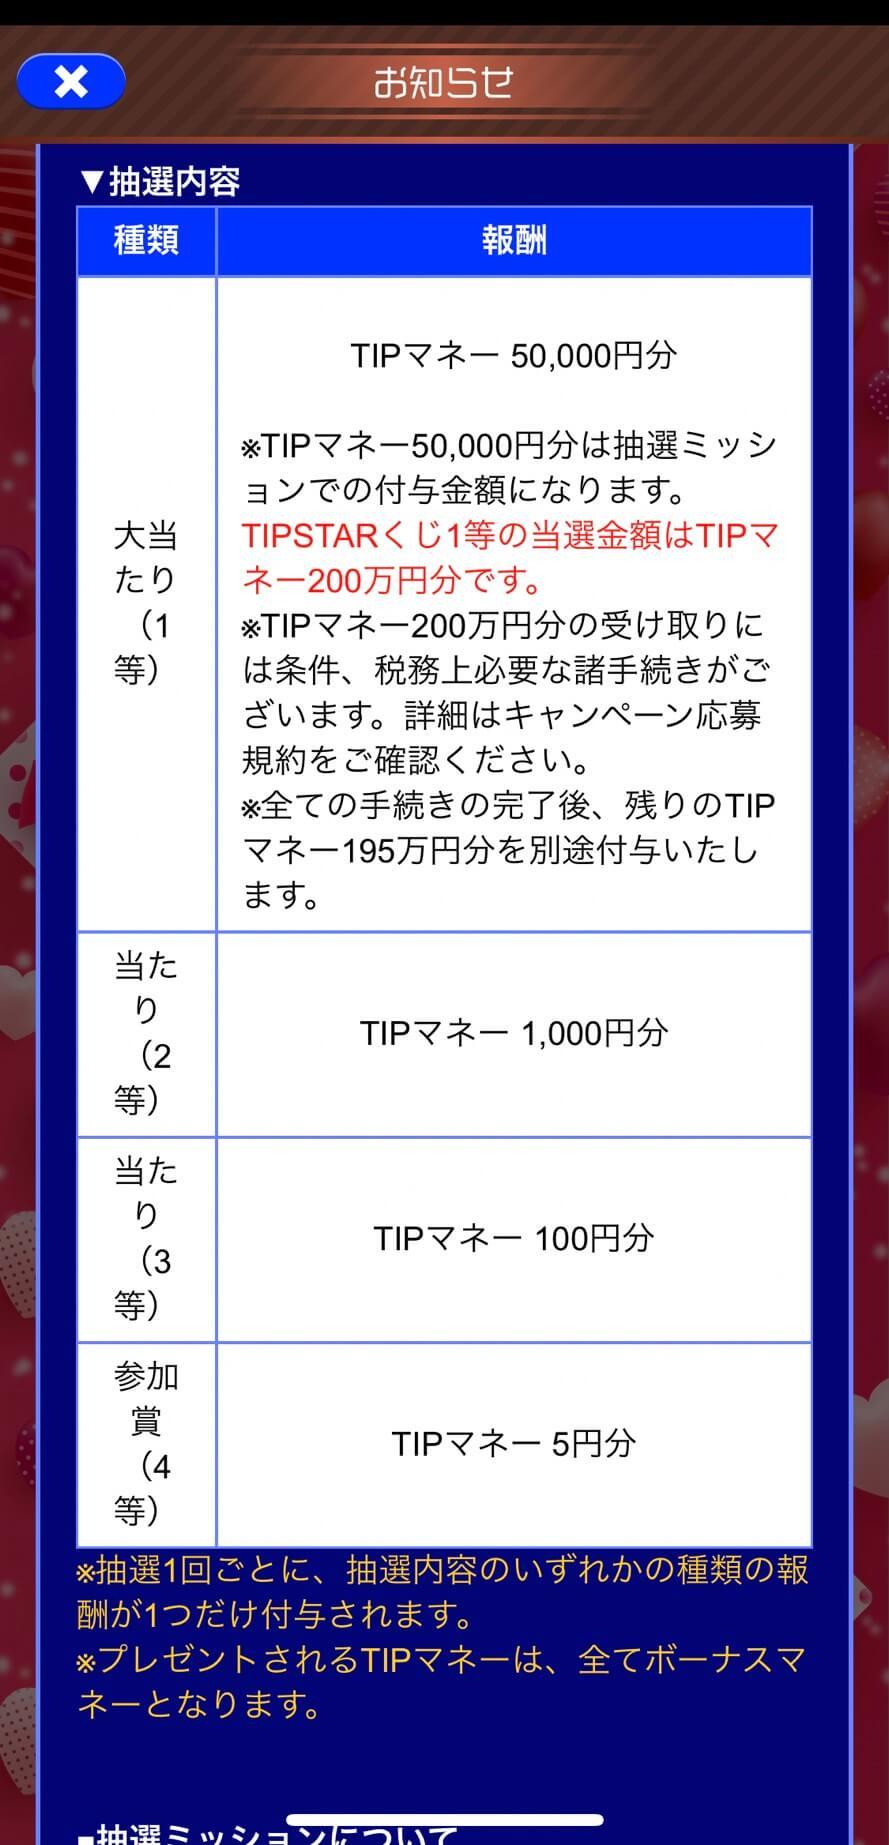 tipstar-cp-0224-1